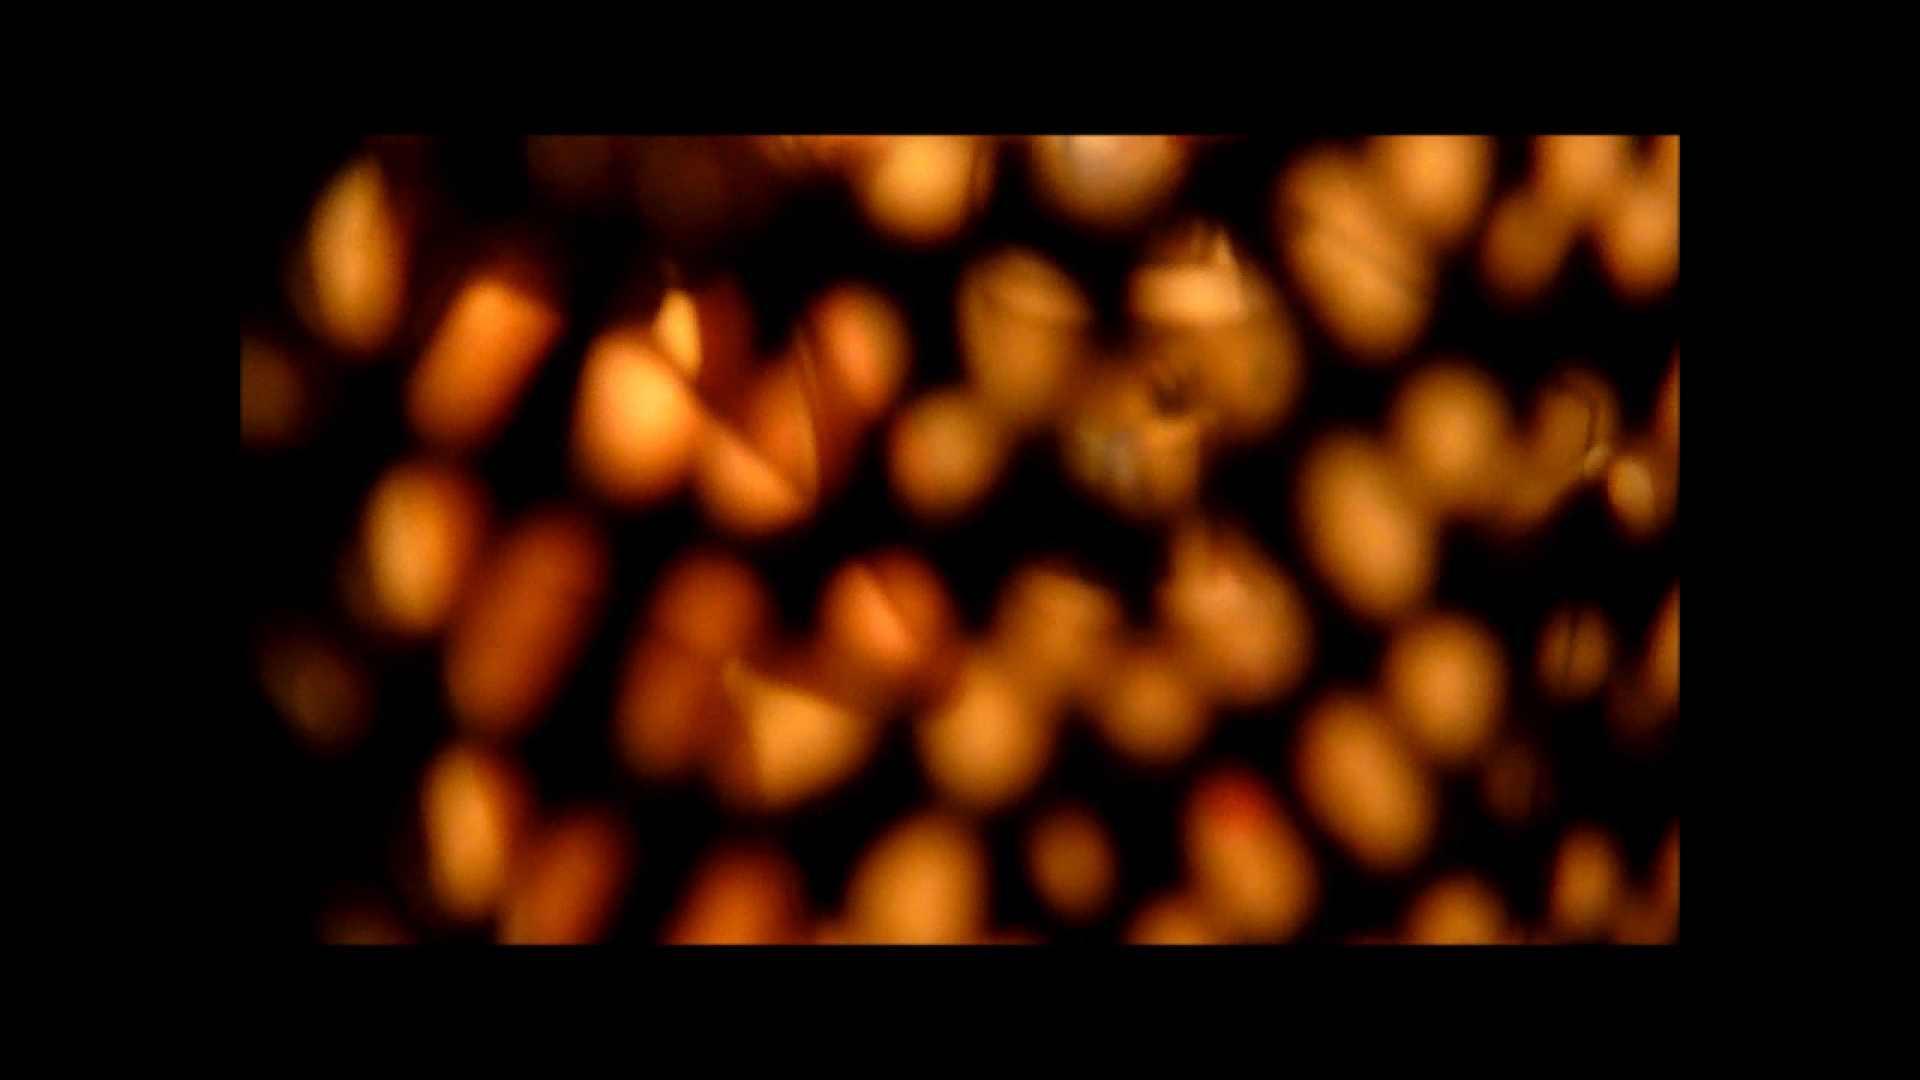 【02】ベランダに侵入して張り込みを始めて・・・やっと結果が出ました。 覗き ヌード画像 79pic 24